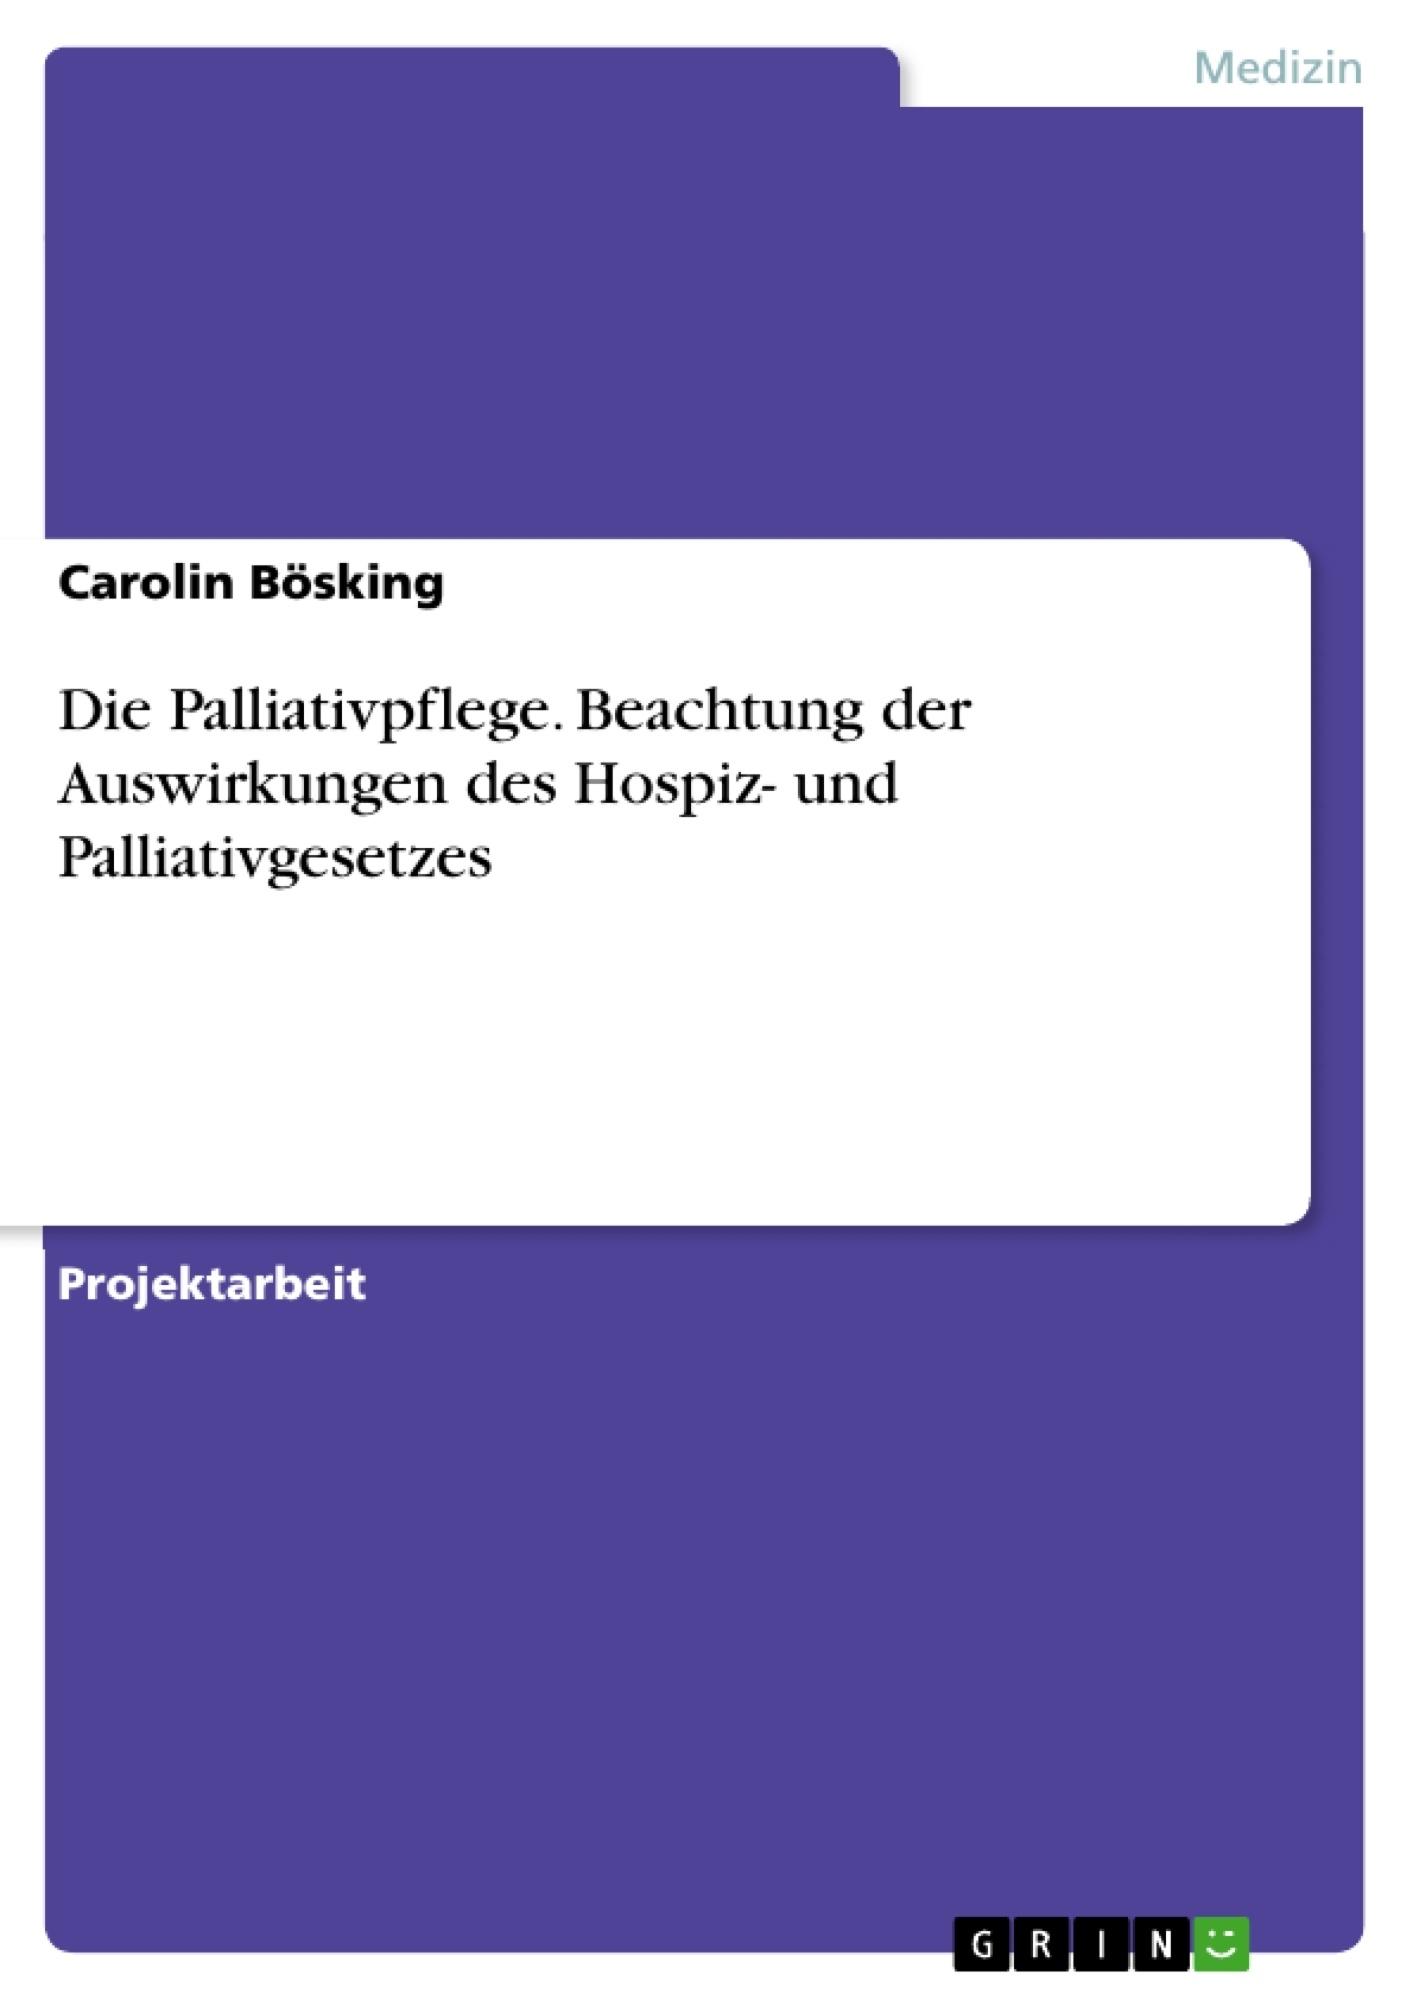 Titel: Die Palliativpflege. Beachtung der Auswirkungen des Hospiz- und Palliativgesetzes